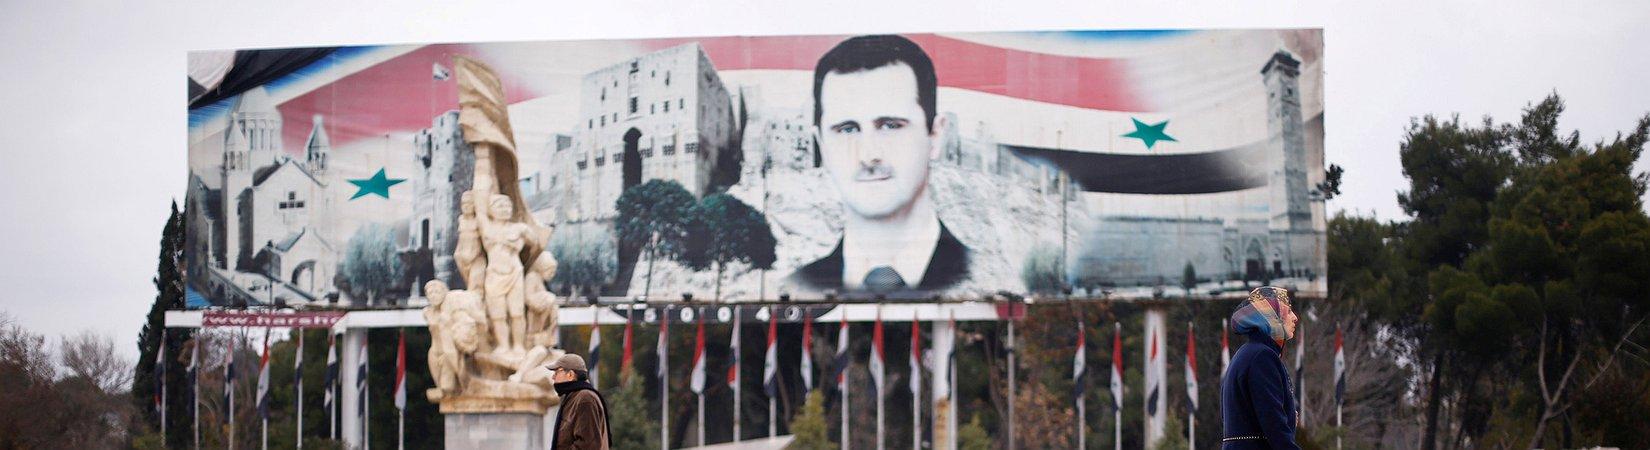 Конгресс США принял законопроект о санкциях против России за поддержку Асада